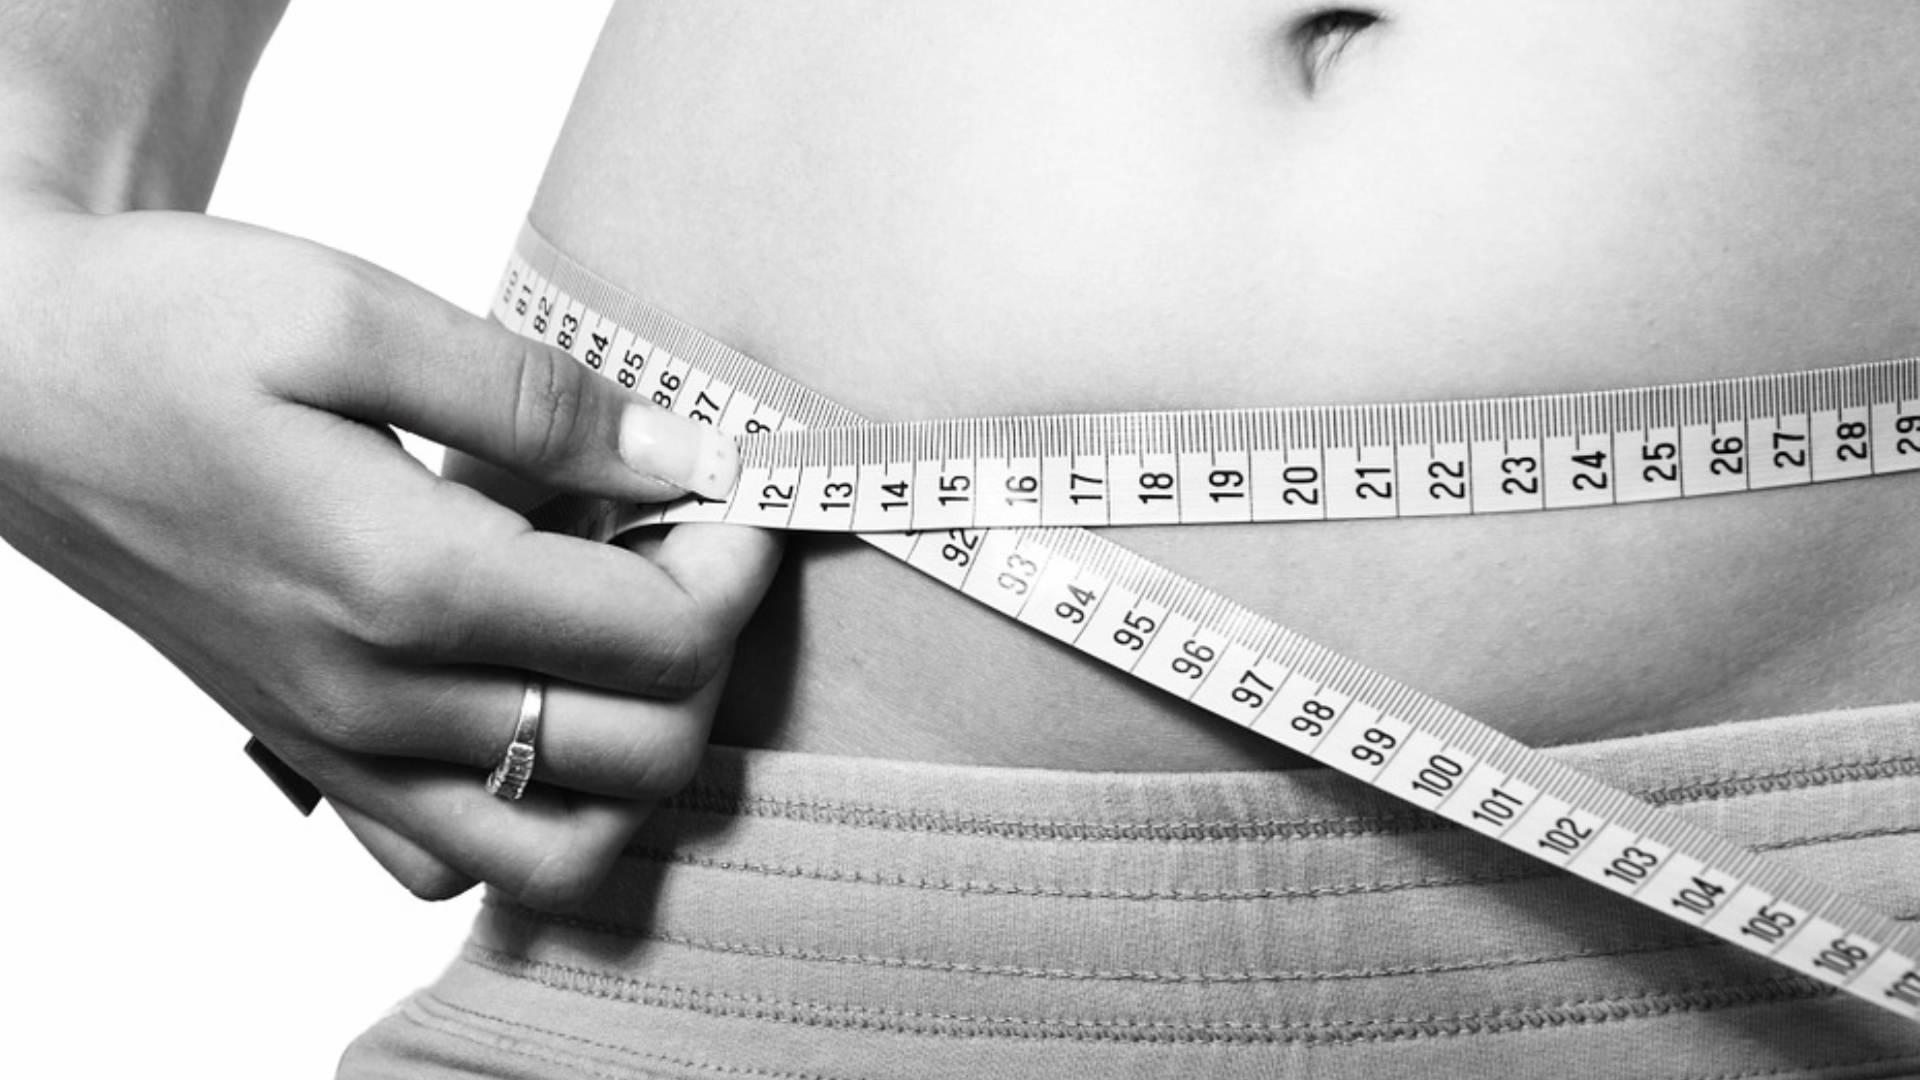 Weight Loss Tips: वजन करना चाहते हैं कम, तो इन पांच दालों को अपनी डाइट में करें शामिल